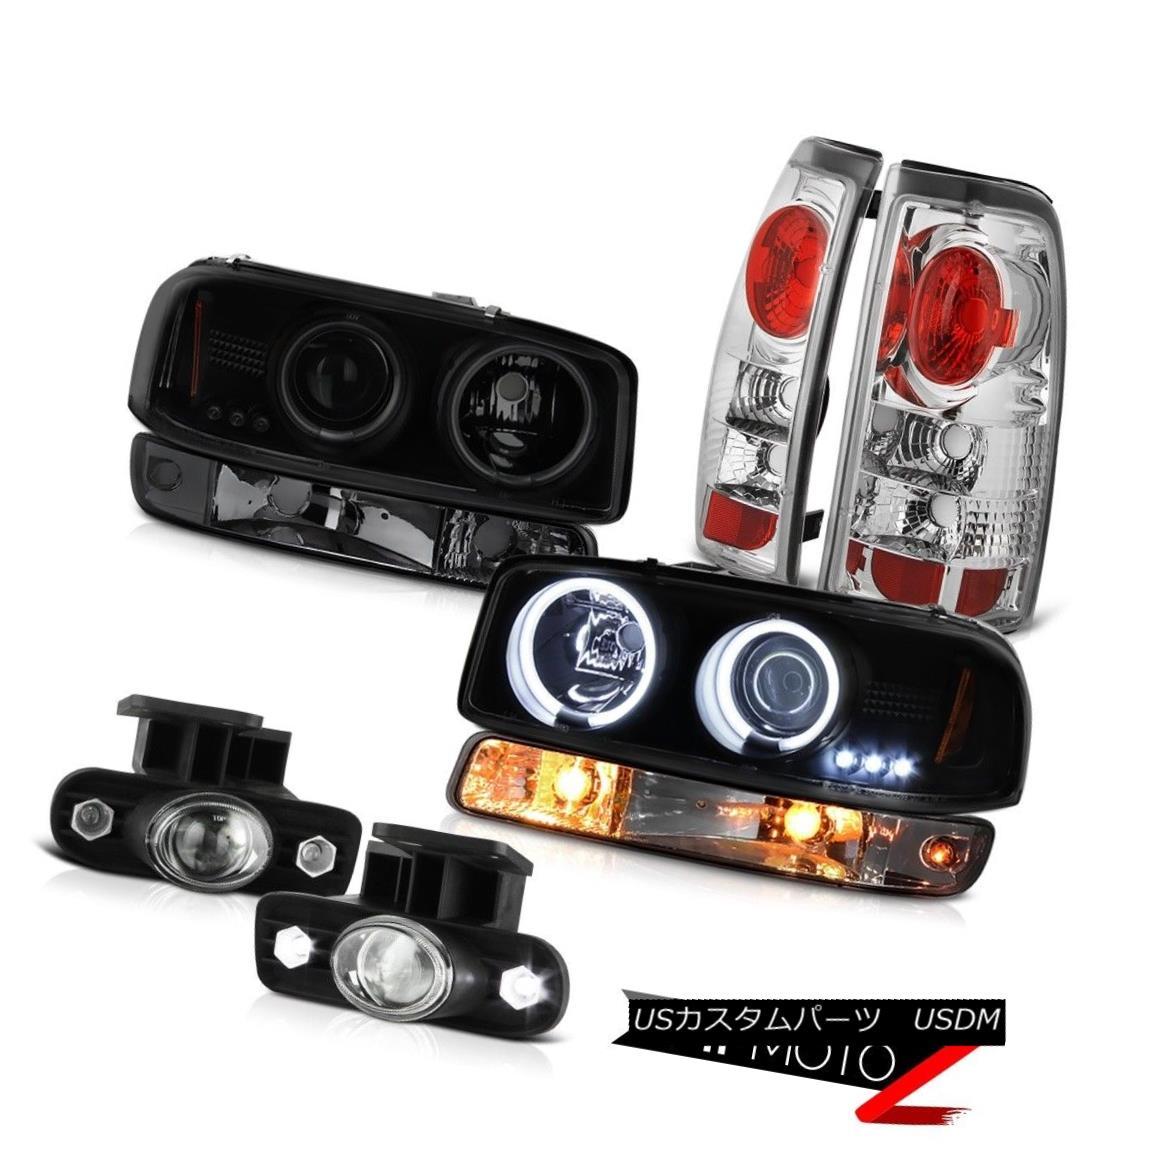 テールライト 1999-2002 Sierra 4.3L Fog lights tail parking lamp sinister black ccfl Headlamps 1999-2002シエラ4.3Lフォグライトテールパーキングランプシニスターブラックccflヘッドランプ